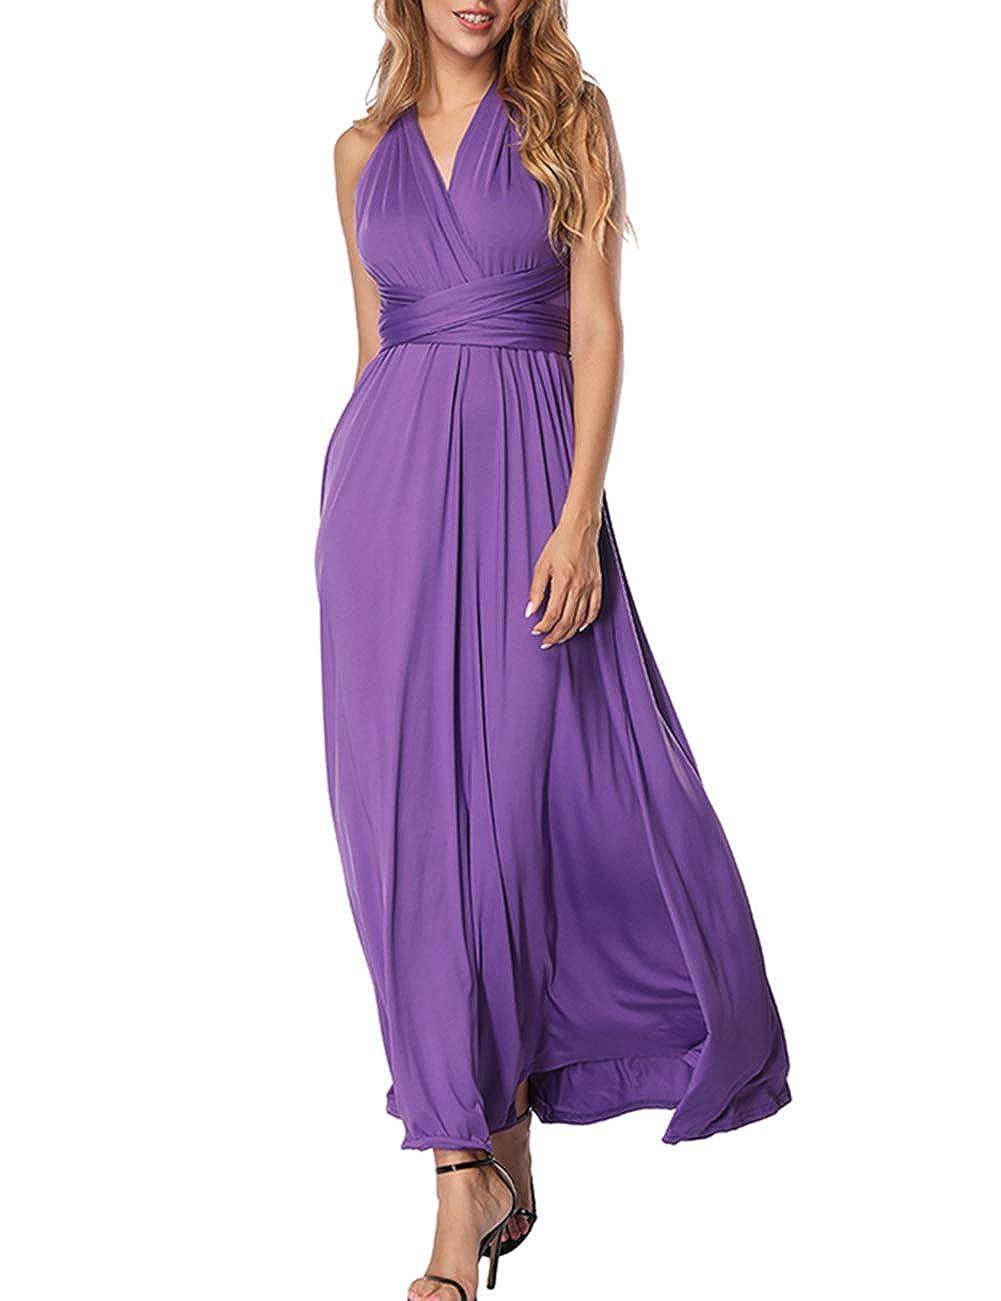 TALLA M(ES 40-44). FeelinGirl Mujer Vestido Maxi Convertible Espalda Decubierta Cóctel Multiposicion Tirantes Multi-Manera Largo Falda para Fiesta Ceremonia Sexy y Elegante Violeta M(ES 40-44)